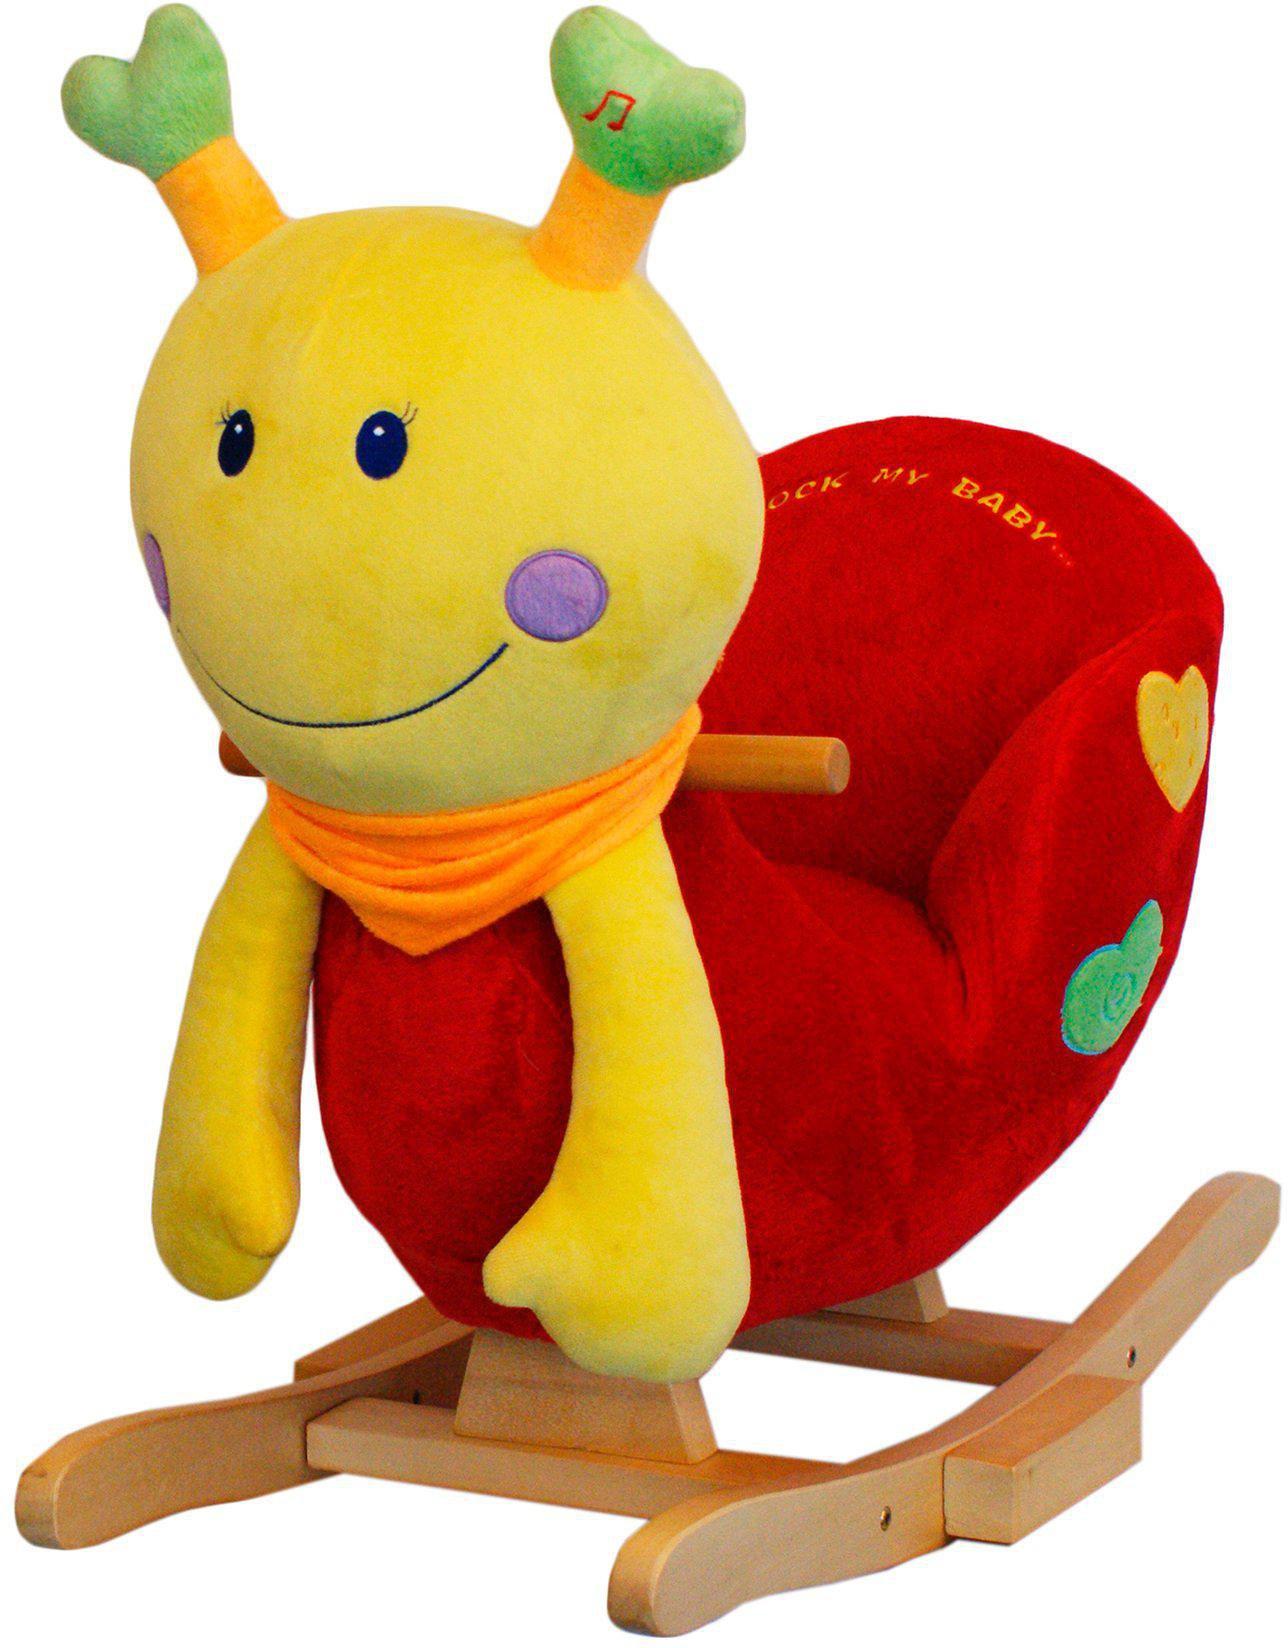 vidaXL Schaukeltier Drachen Plüsch Schaukelpferd Kinder Baby Schaukelspielzeug# Holzspielzeug